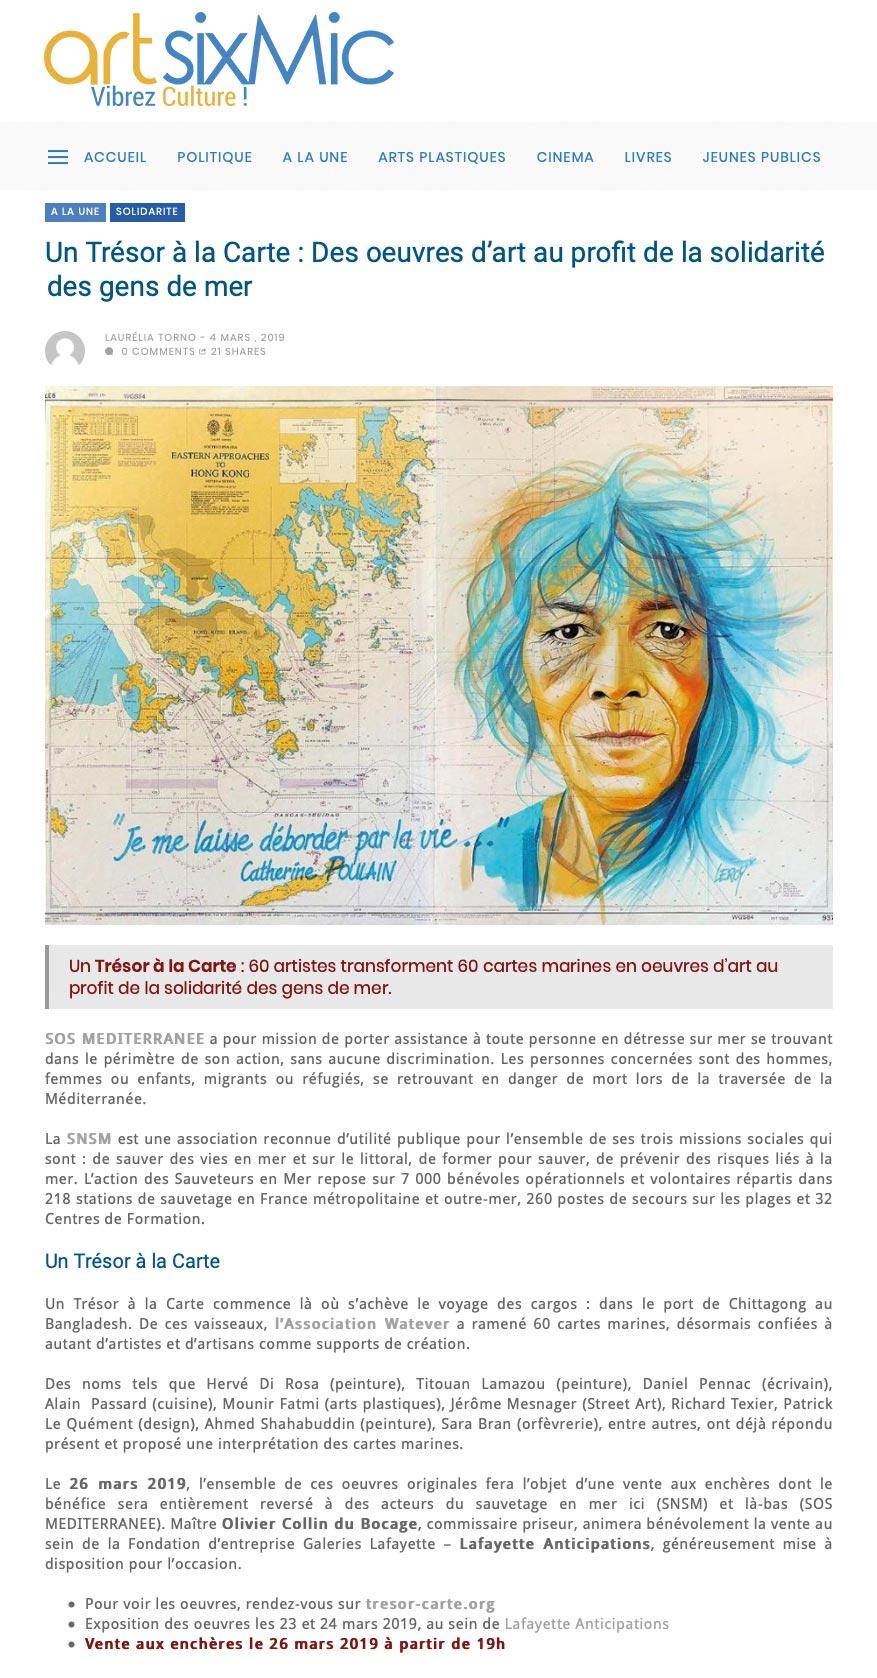 ArtSixMic - Christian LEROY - Vente caritative WATEVER